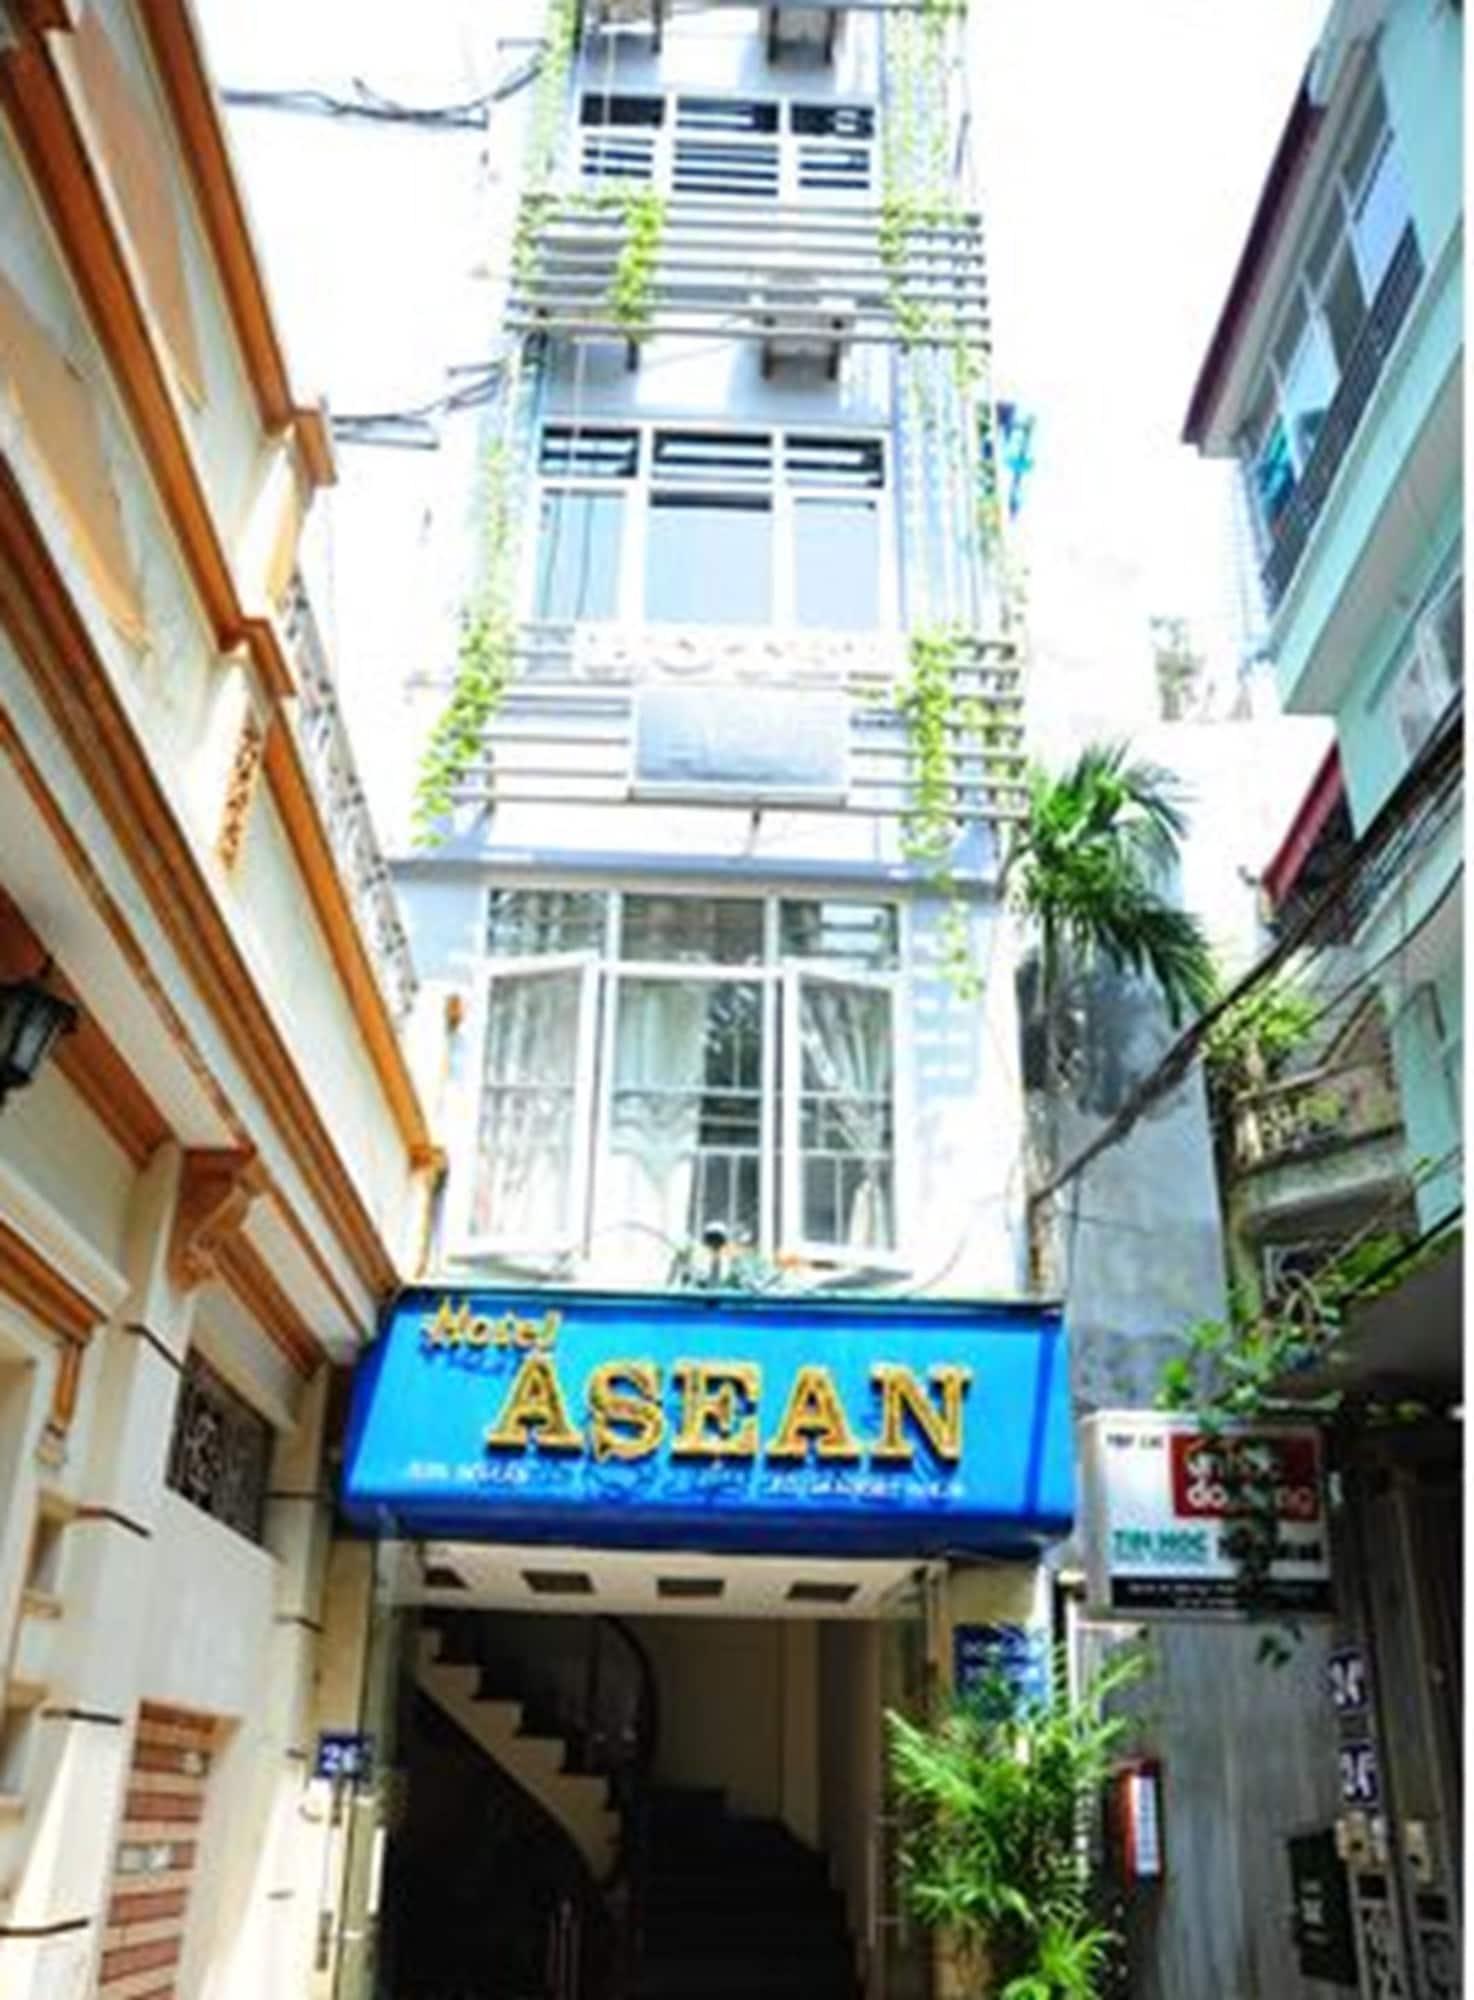 A25 Hotel New Asean, Ba Đình